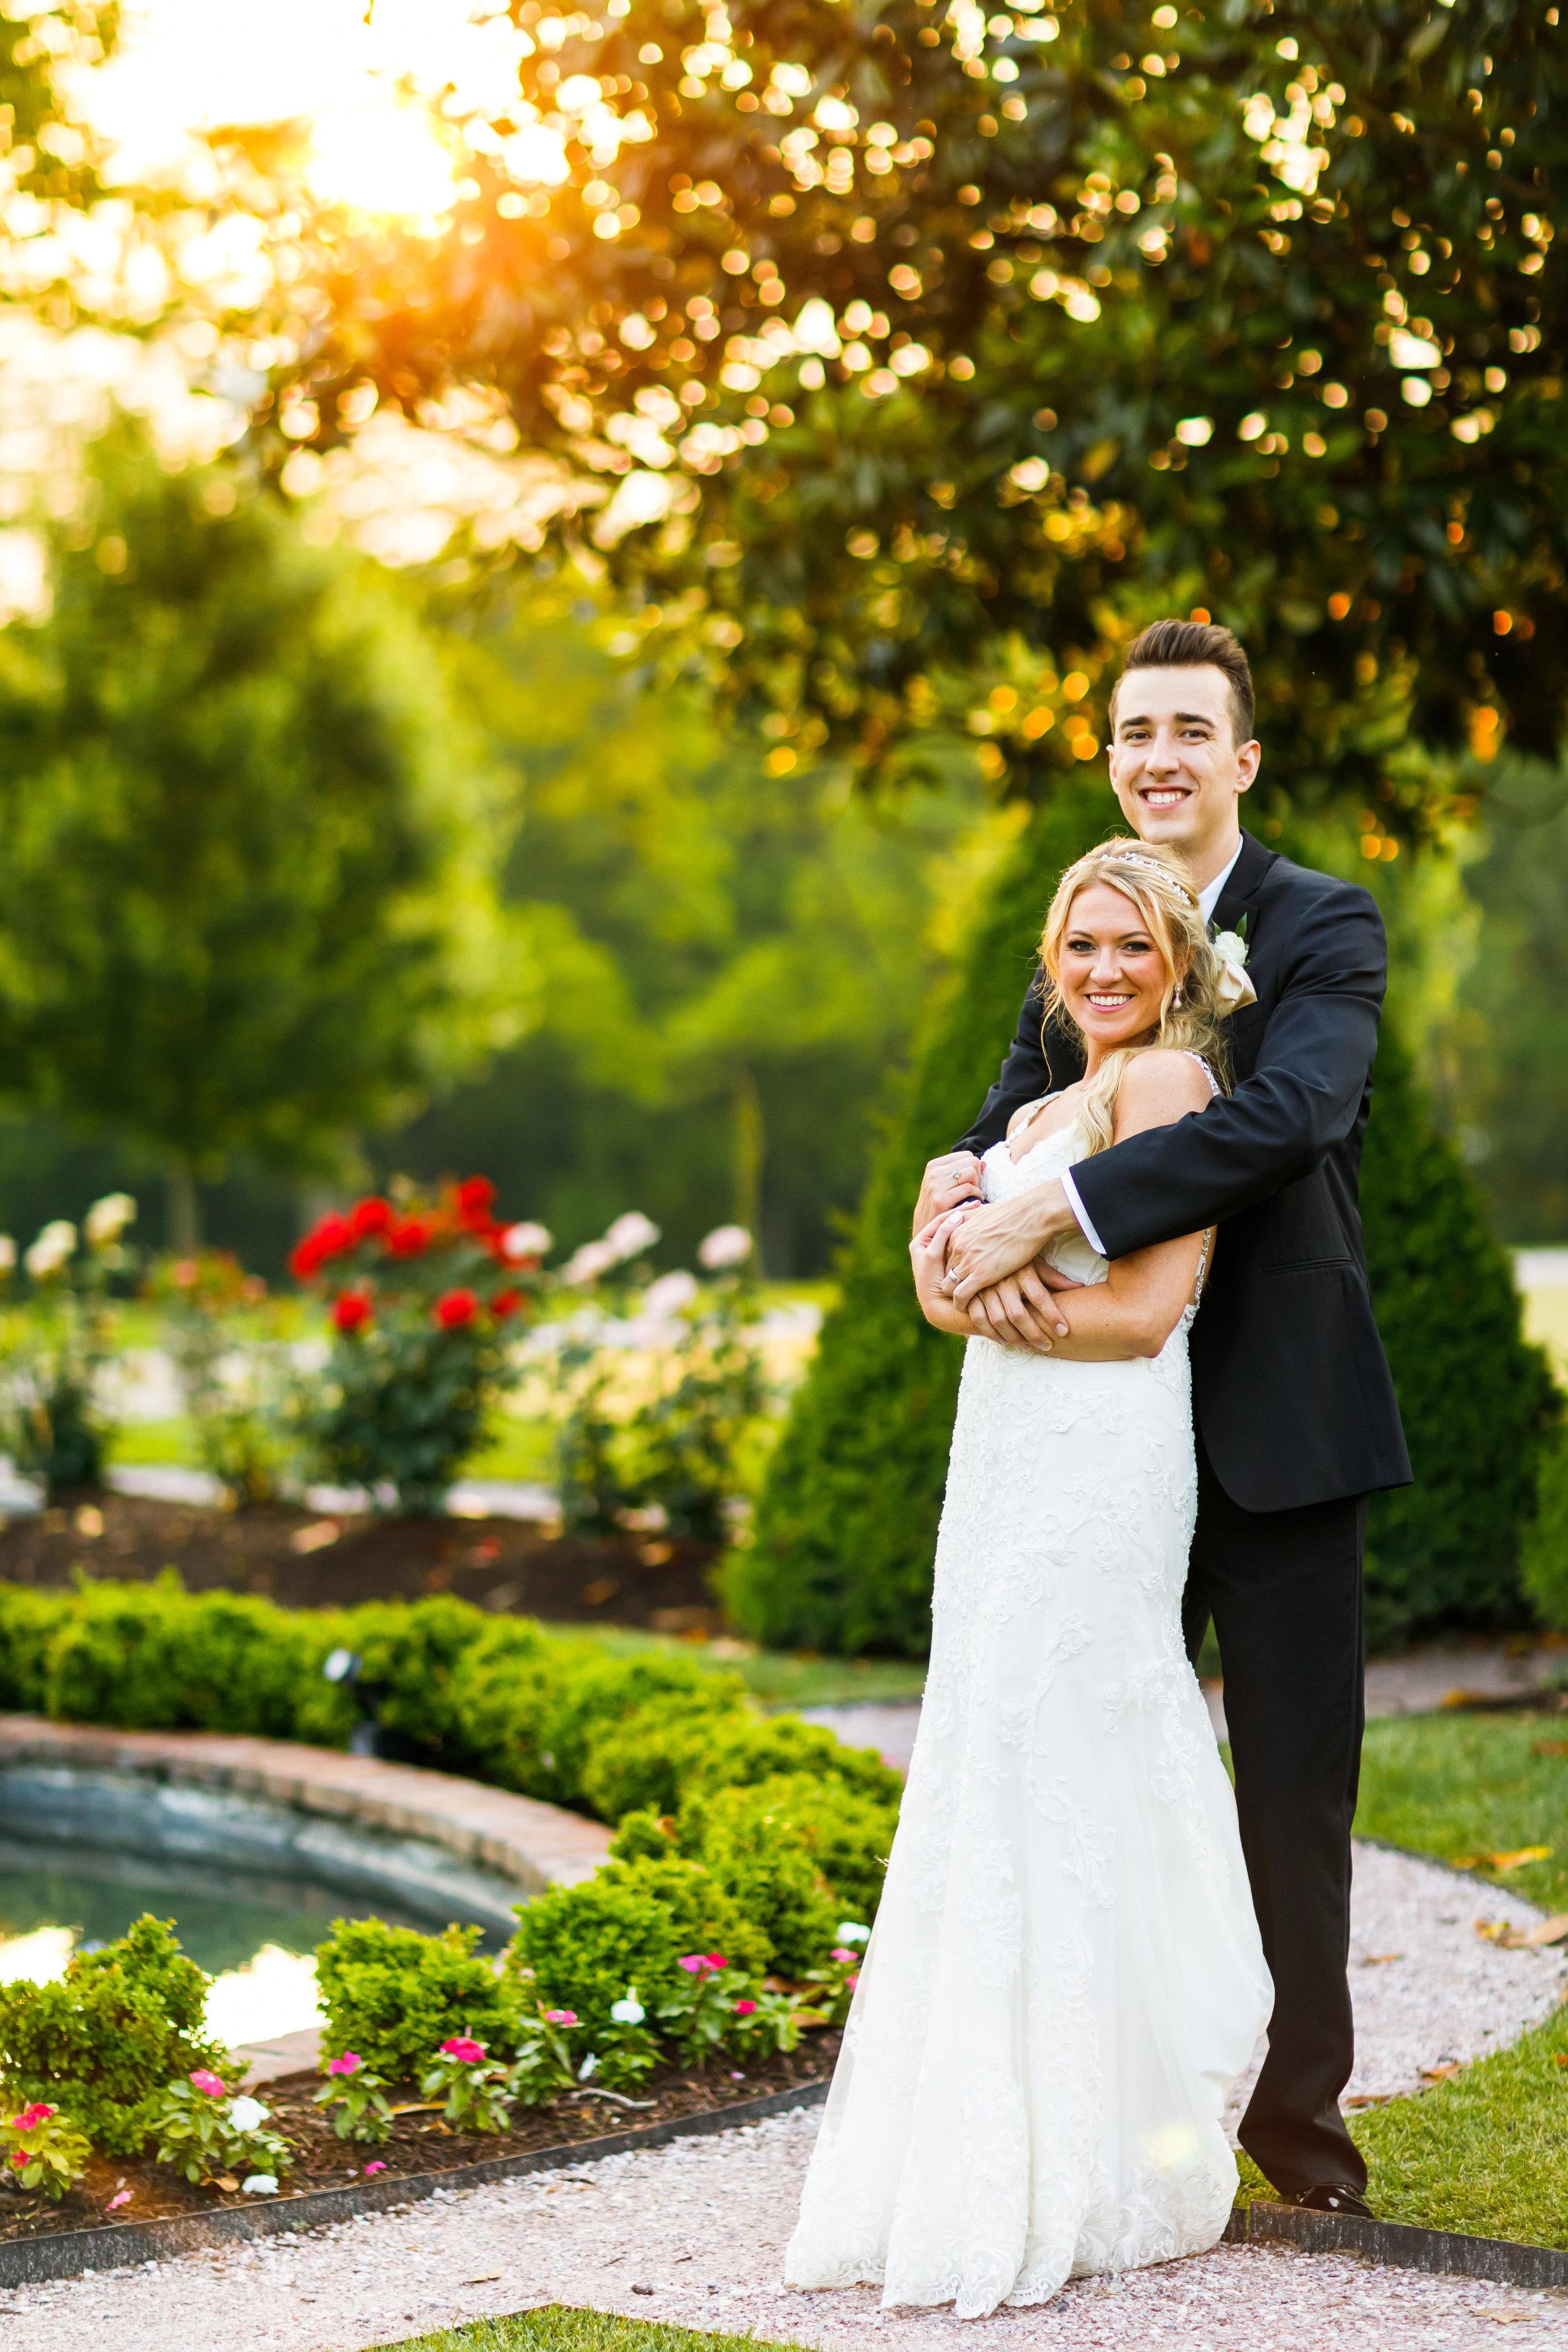 Haddad-Husband-Wife-10.jpg